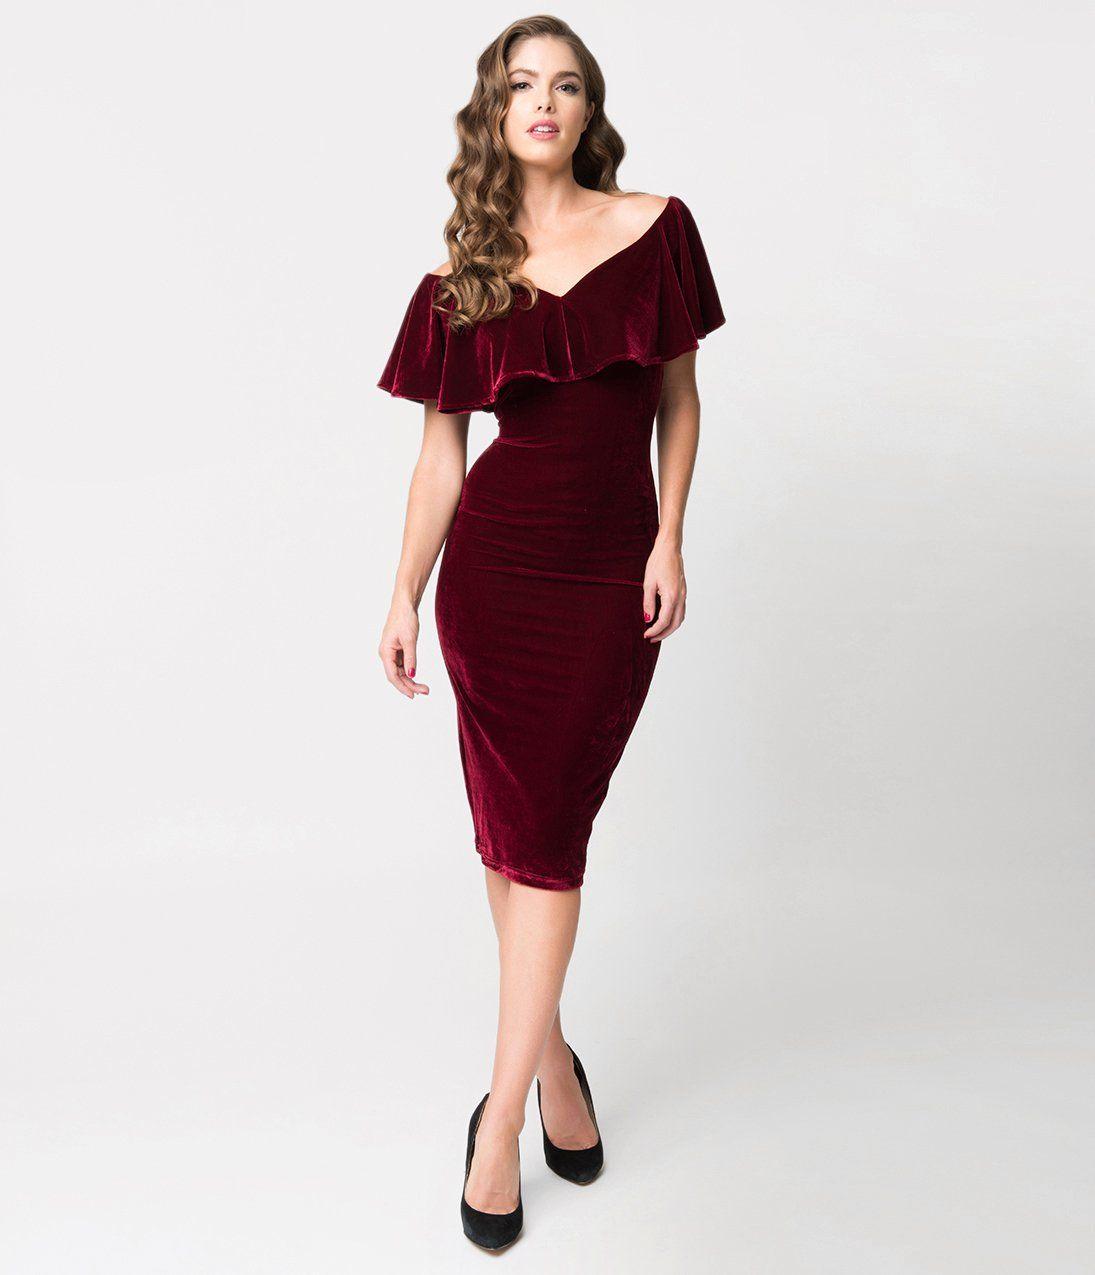 Unique Vintage Burgundy Red Velvet Draped Sophia Wiggle Dress Burgundy Velvet Dress Cocktail Dress Holiday Red Cocktail Dress